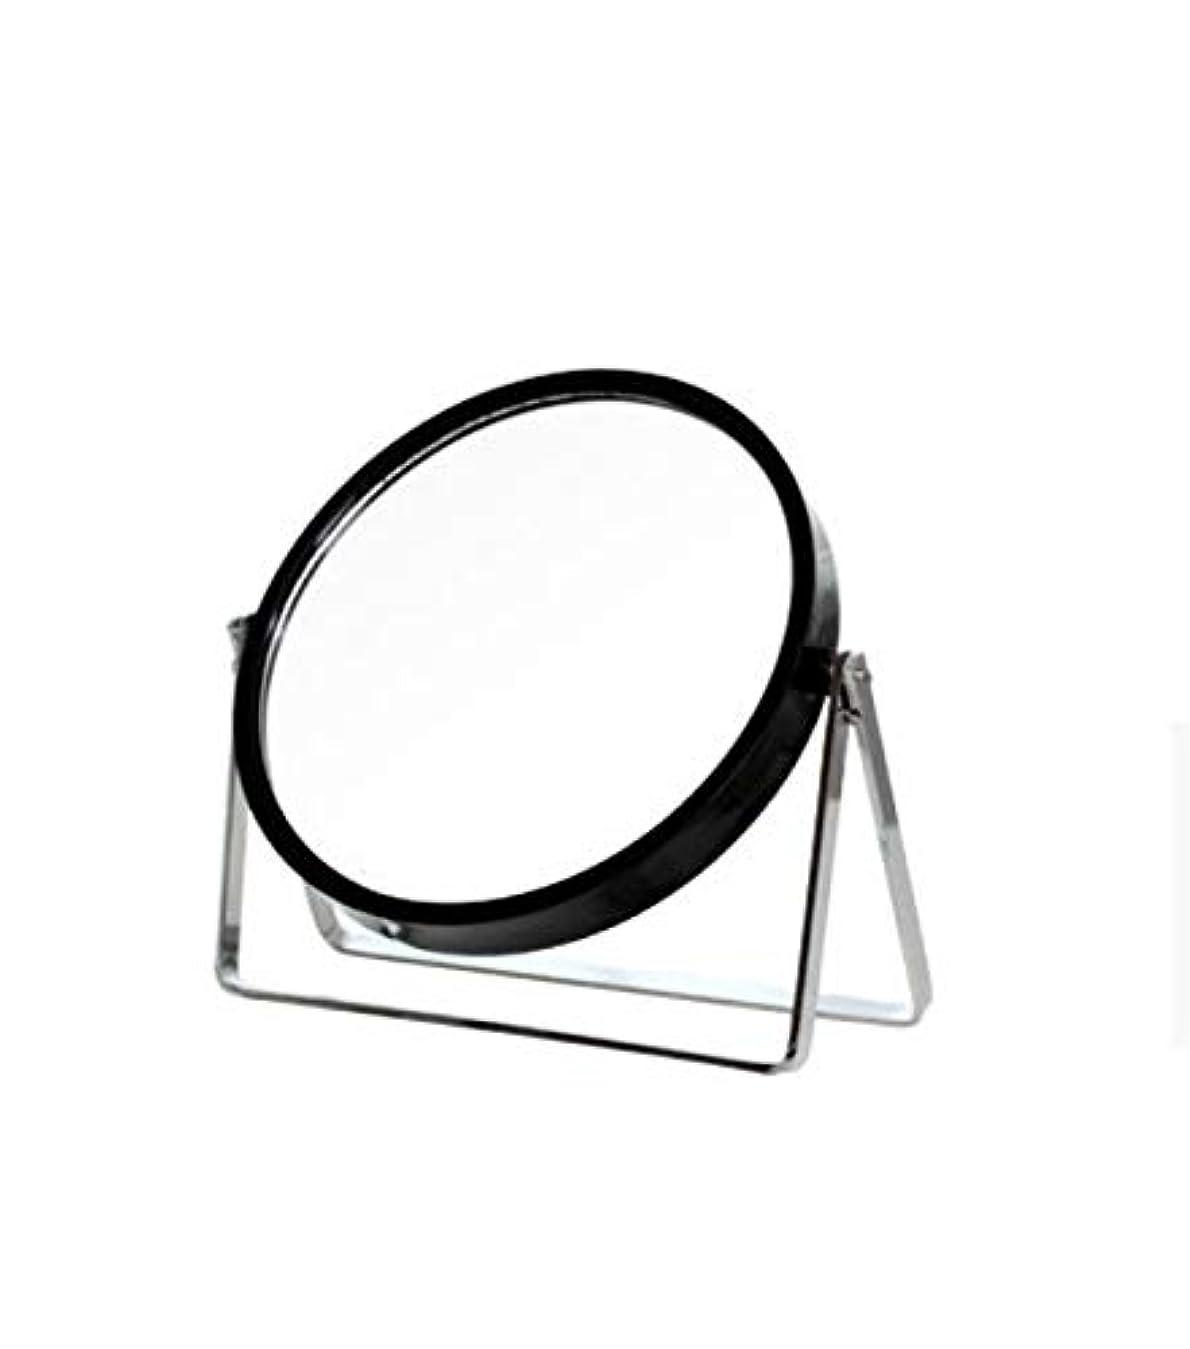 コントラストに対応ハンディキャップ化粧鏡、シンプルなラウンドホーム寮デスクトップ化粧鏡化粧ギフト (Color : ブラック)